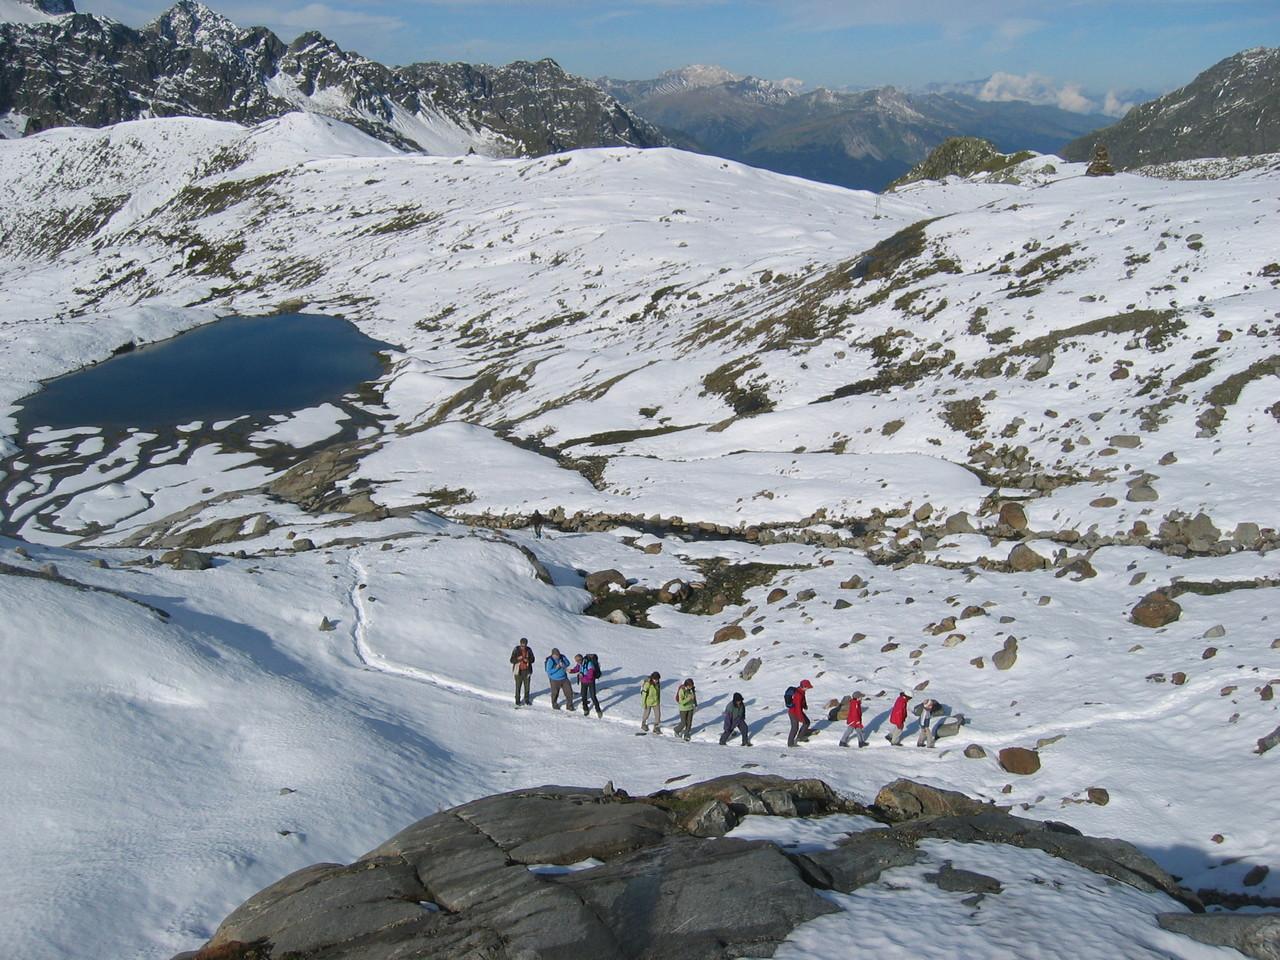 Wanderung zum Gletscherlehrpfad Silvretta